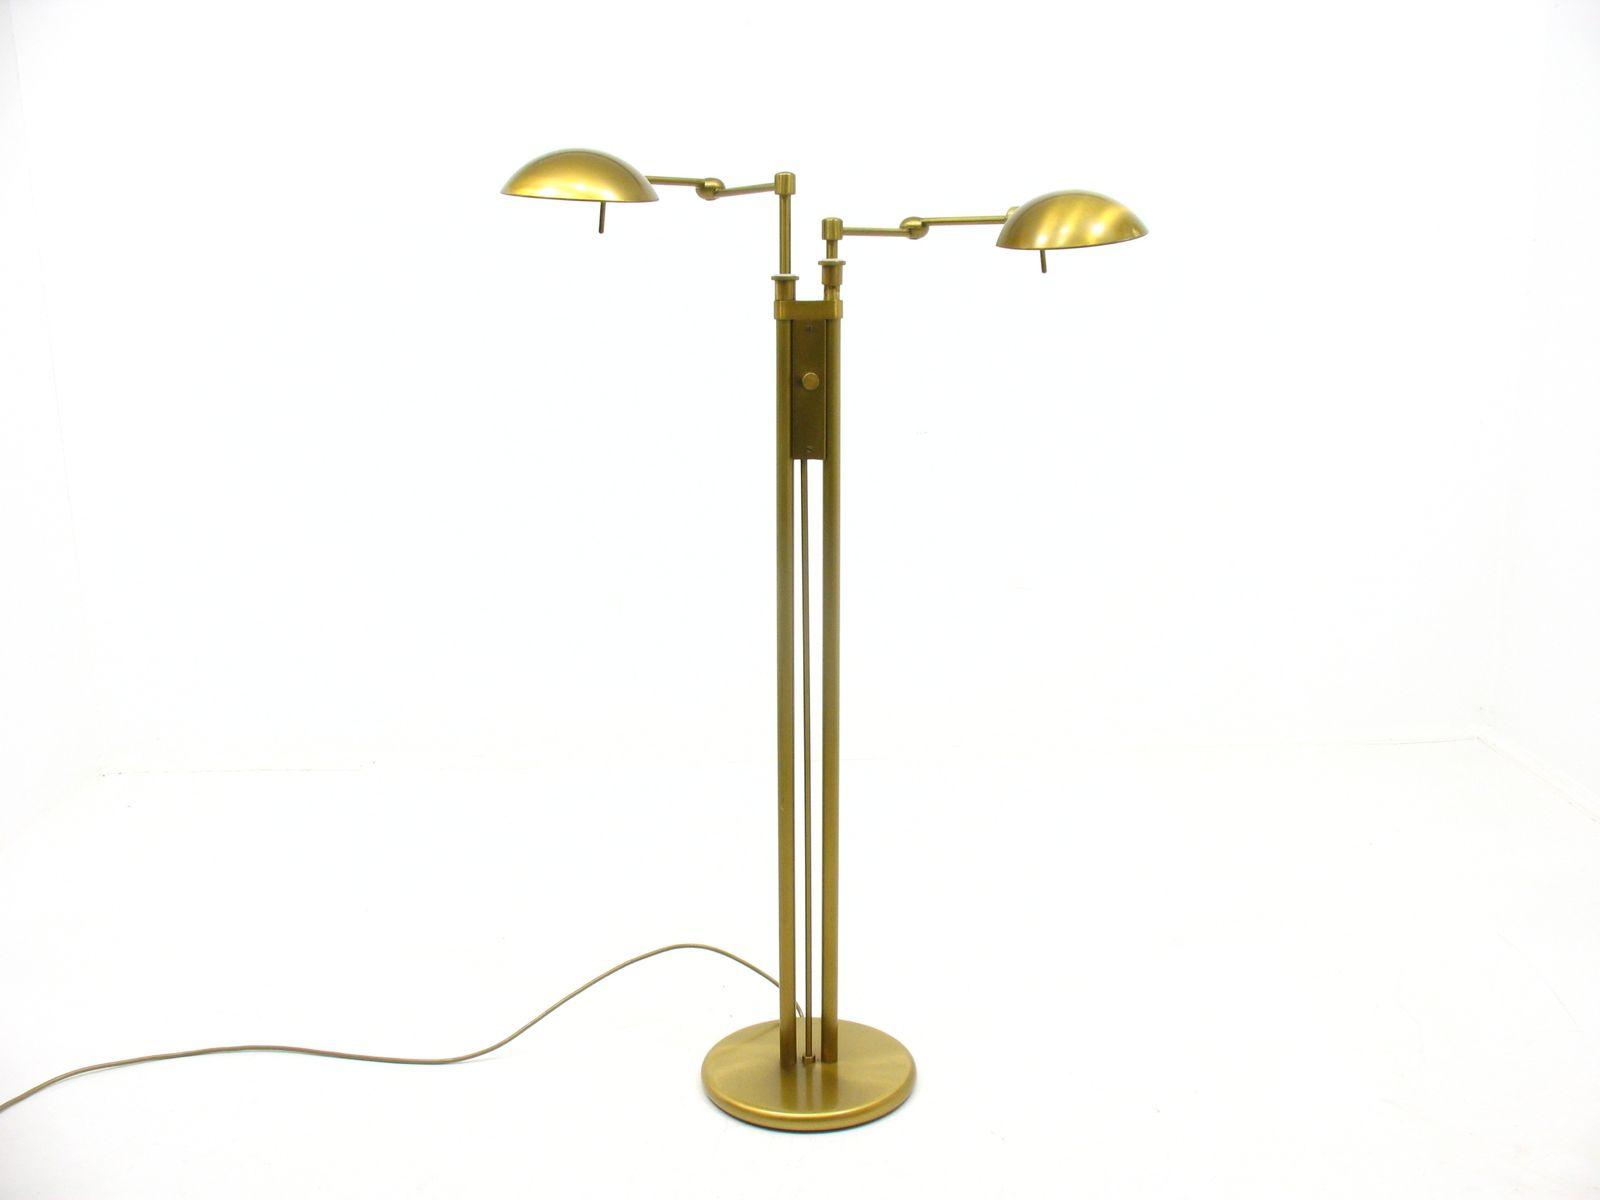 Double-Light Floor Lamp from Holtkoetter, 1980s